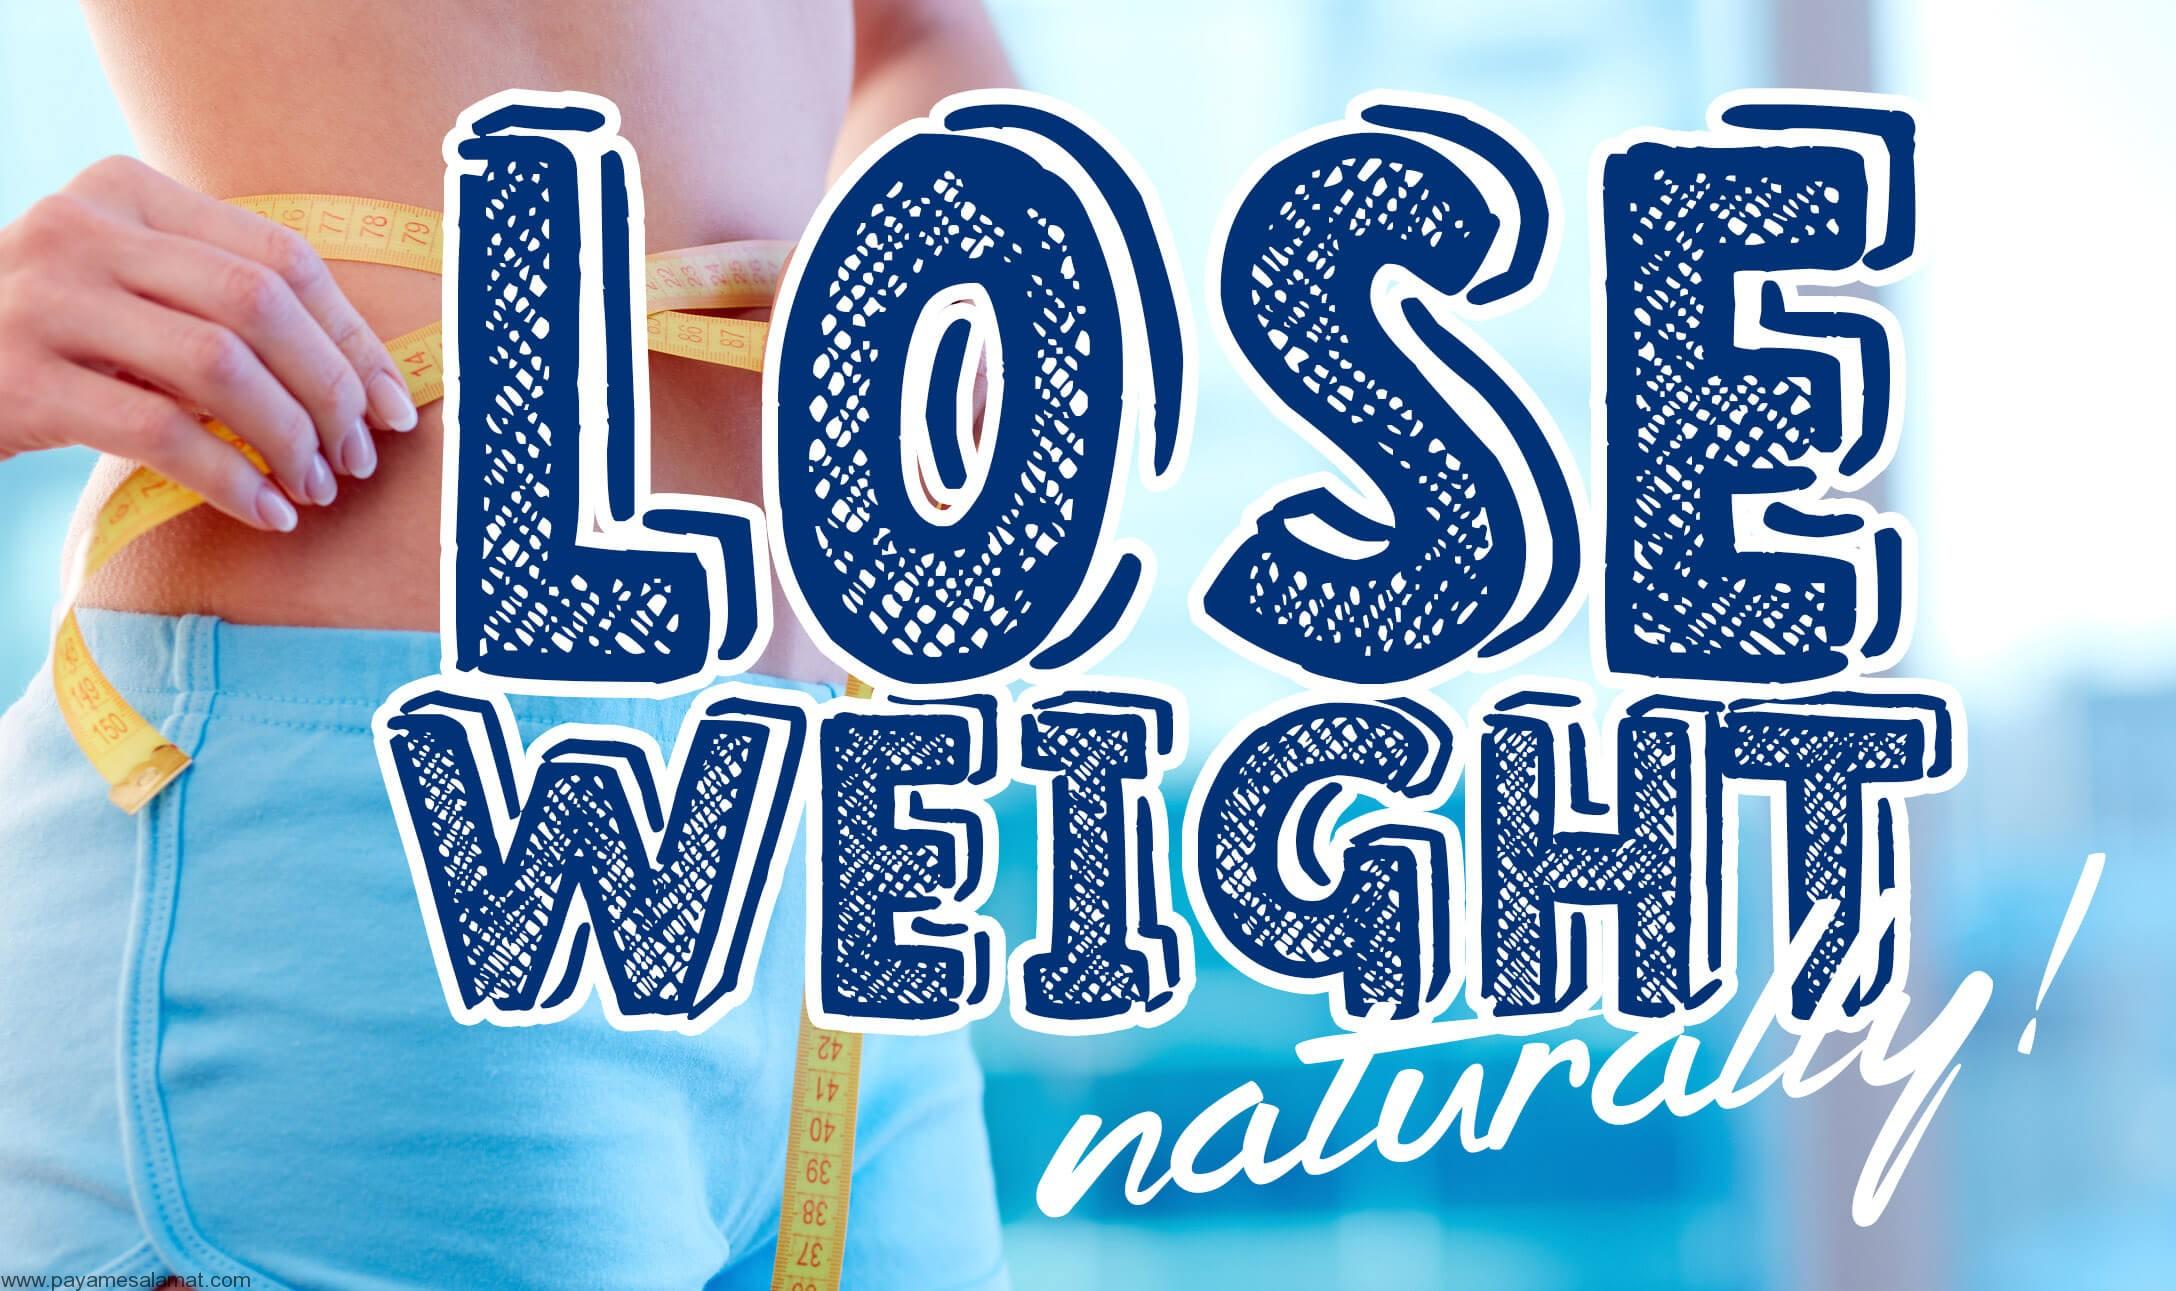 اگر تصمیم گرفته اید به هر قیمتی لاغر شوید، دچار اشتباه بزرگی شده اید !